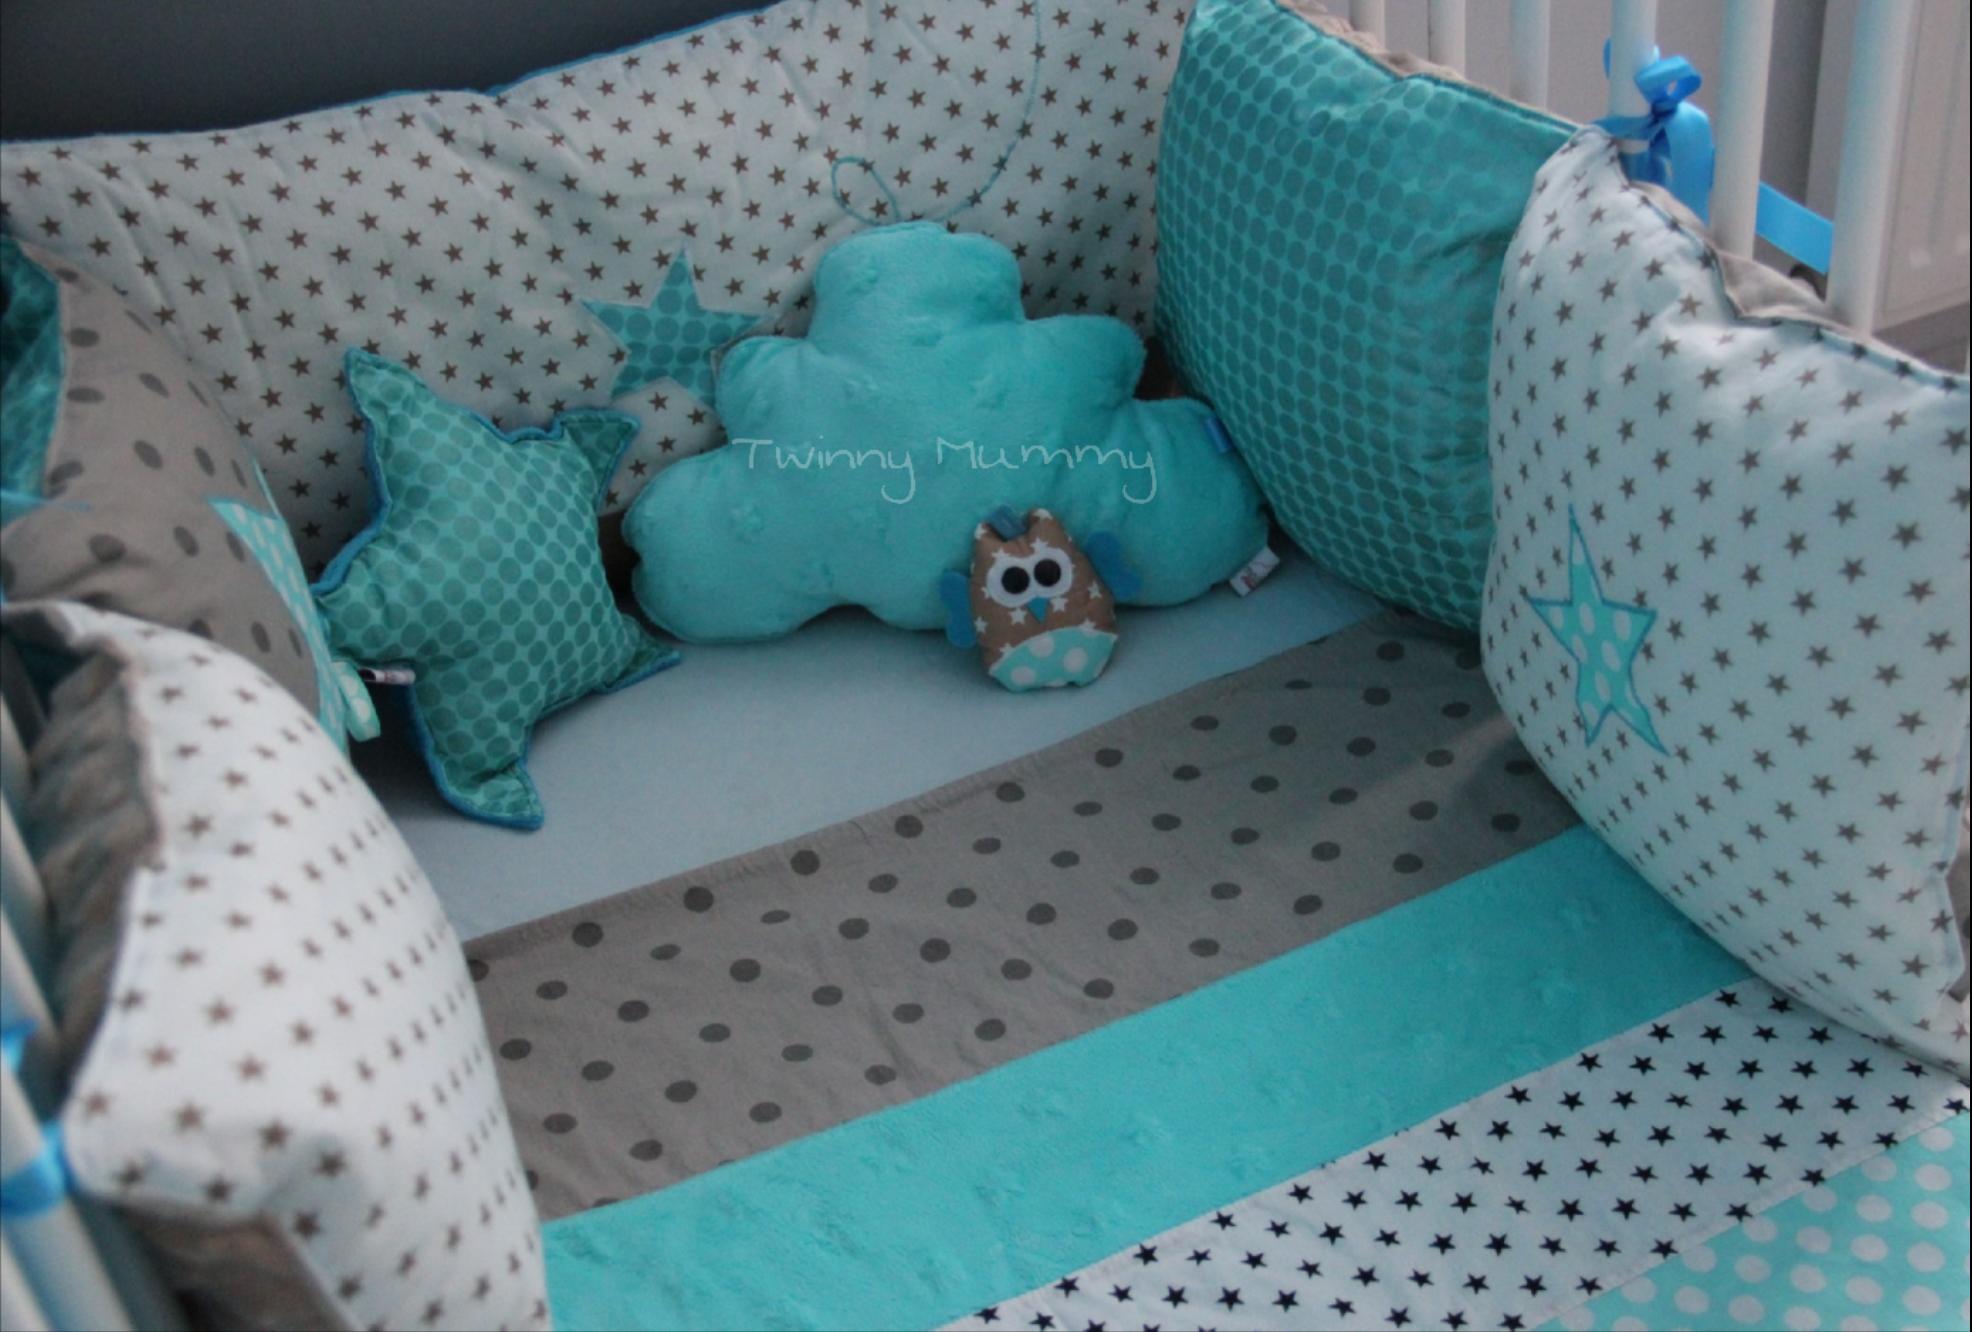 Extrem LA chambre de bébé doudoune #Enimages | Twinny Mummy & Cie - Blog  XA54